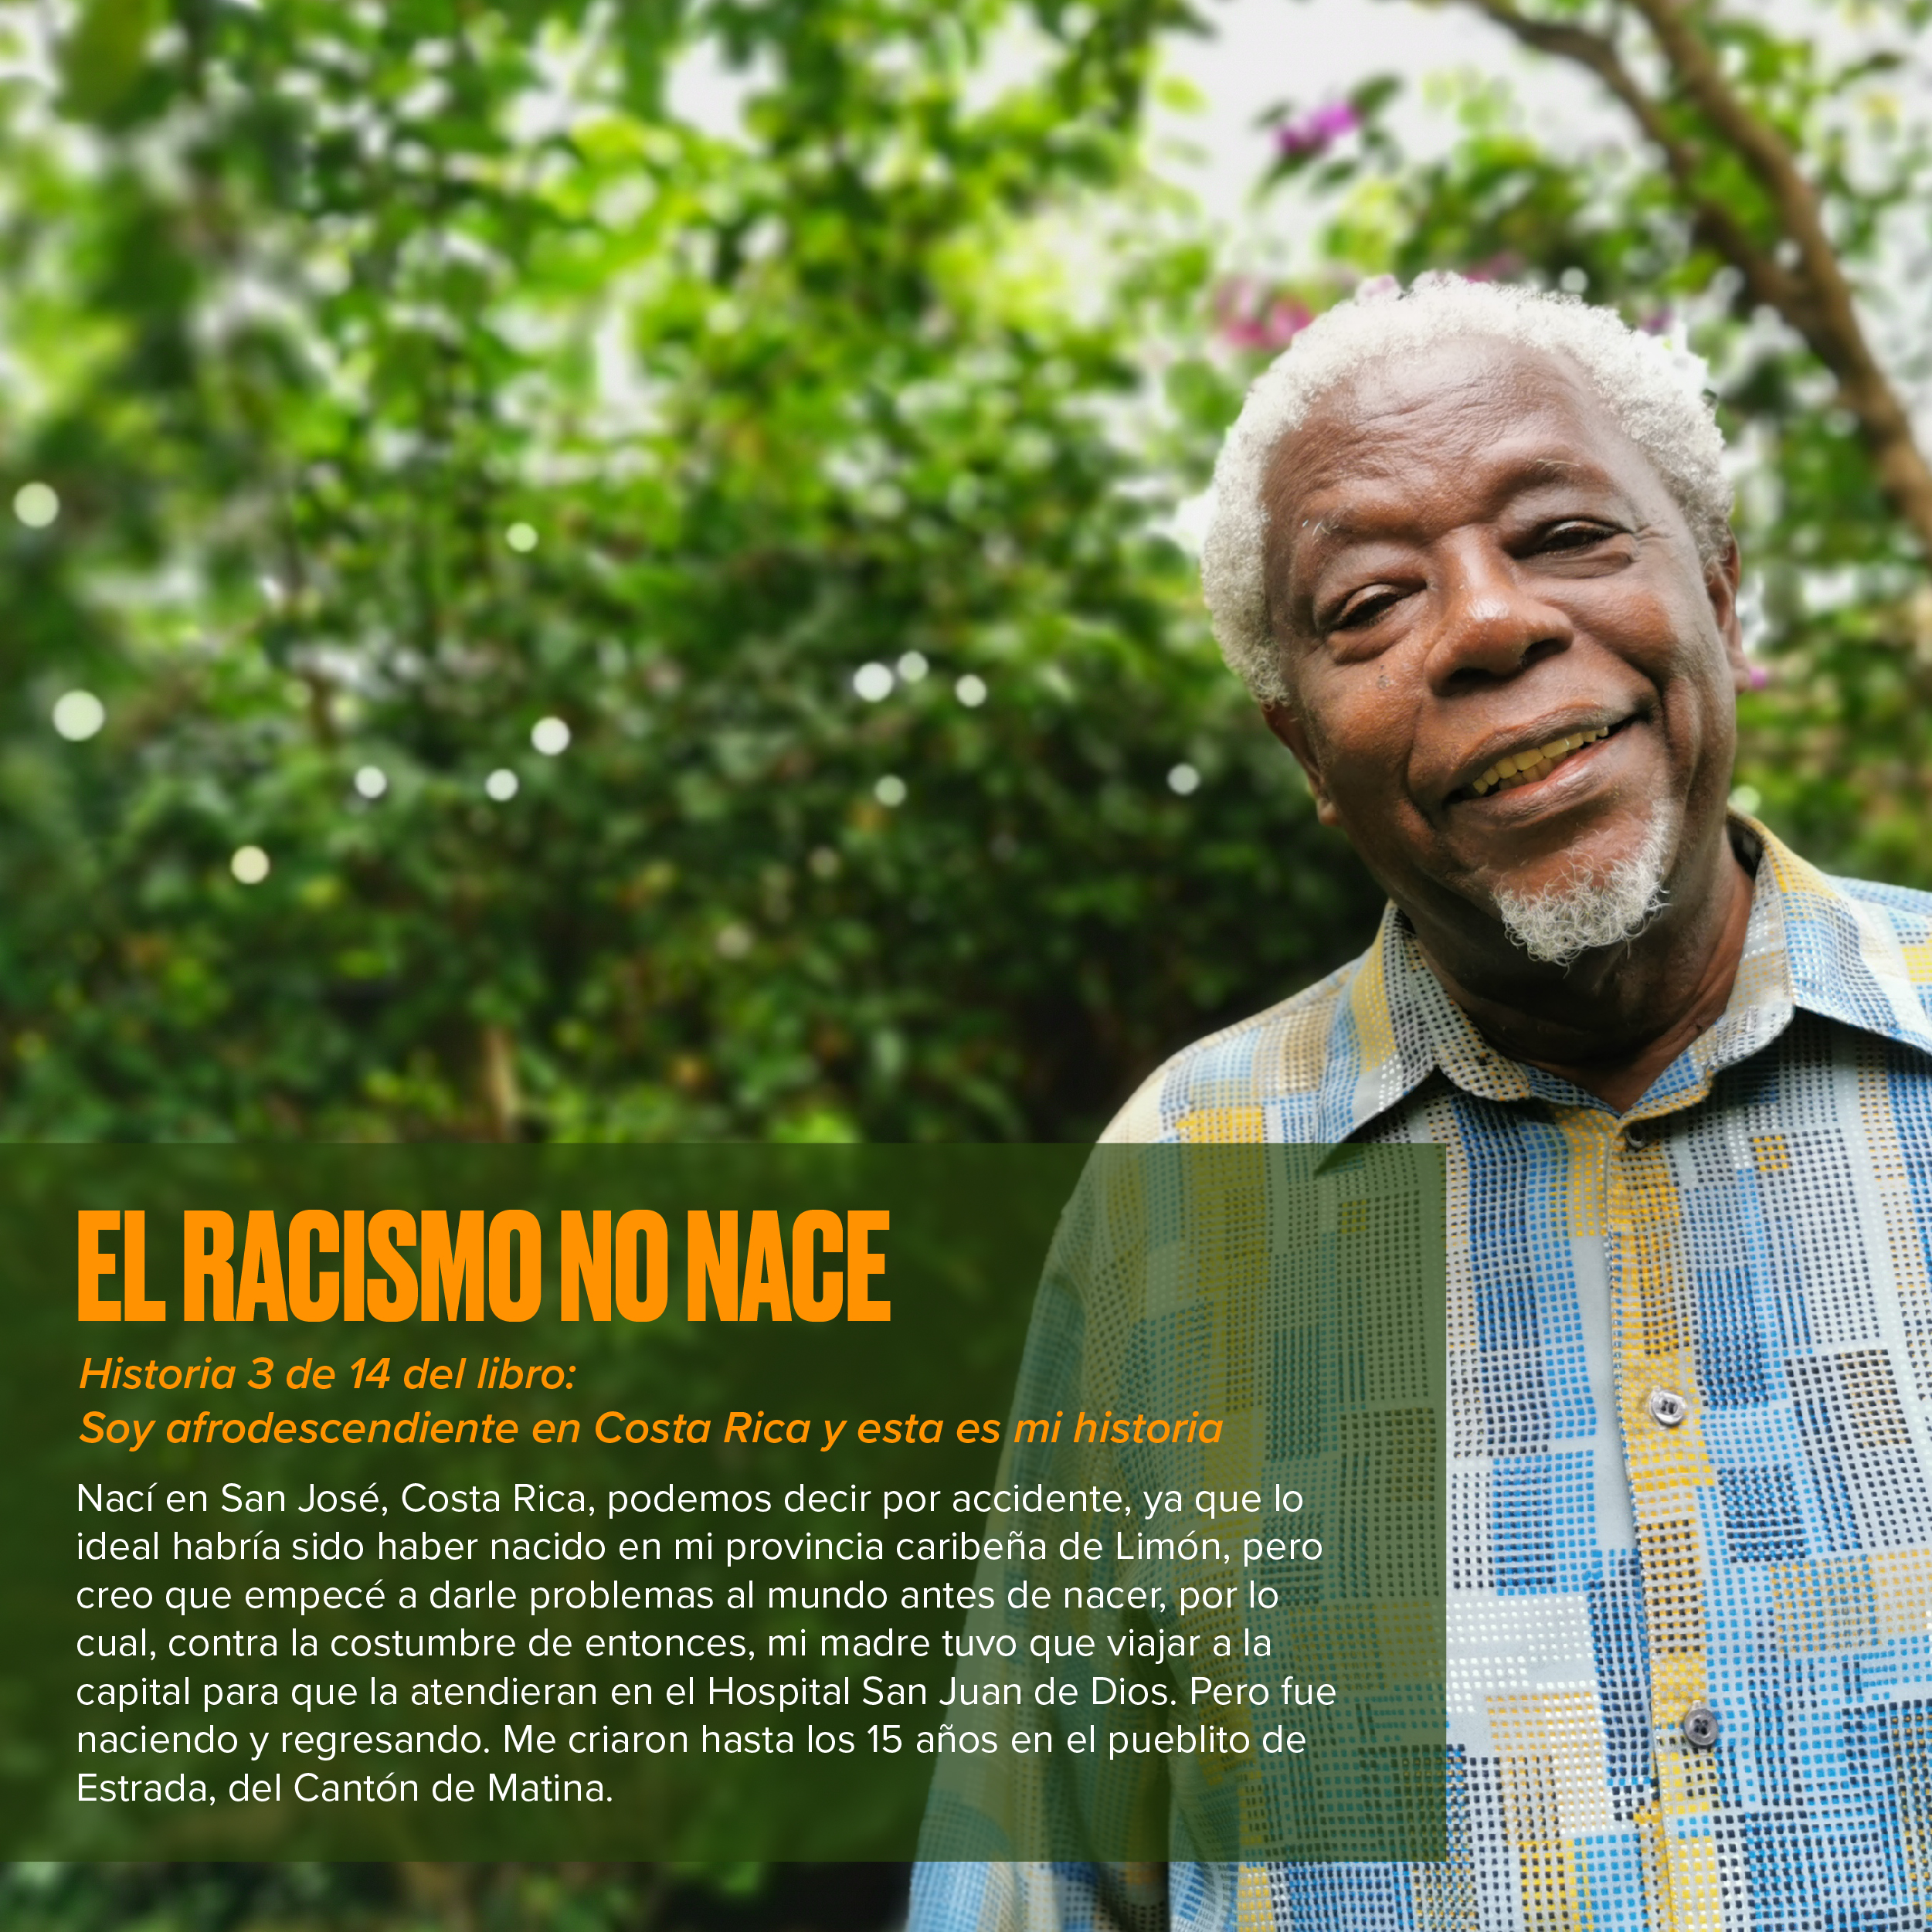 El racismo no nace: Historias afrodescendientes